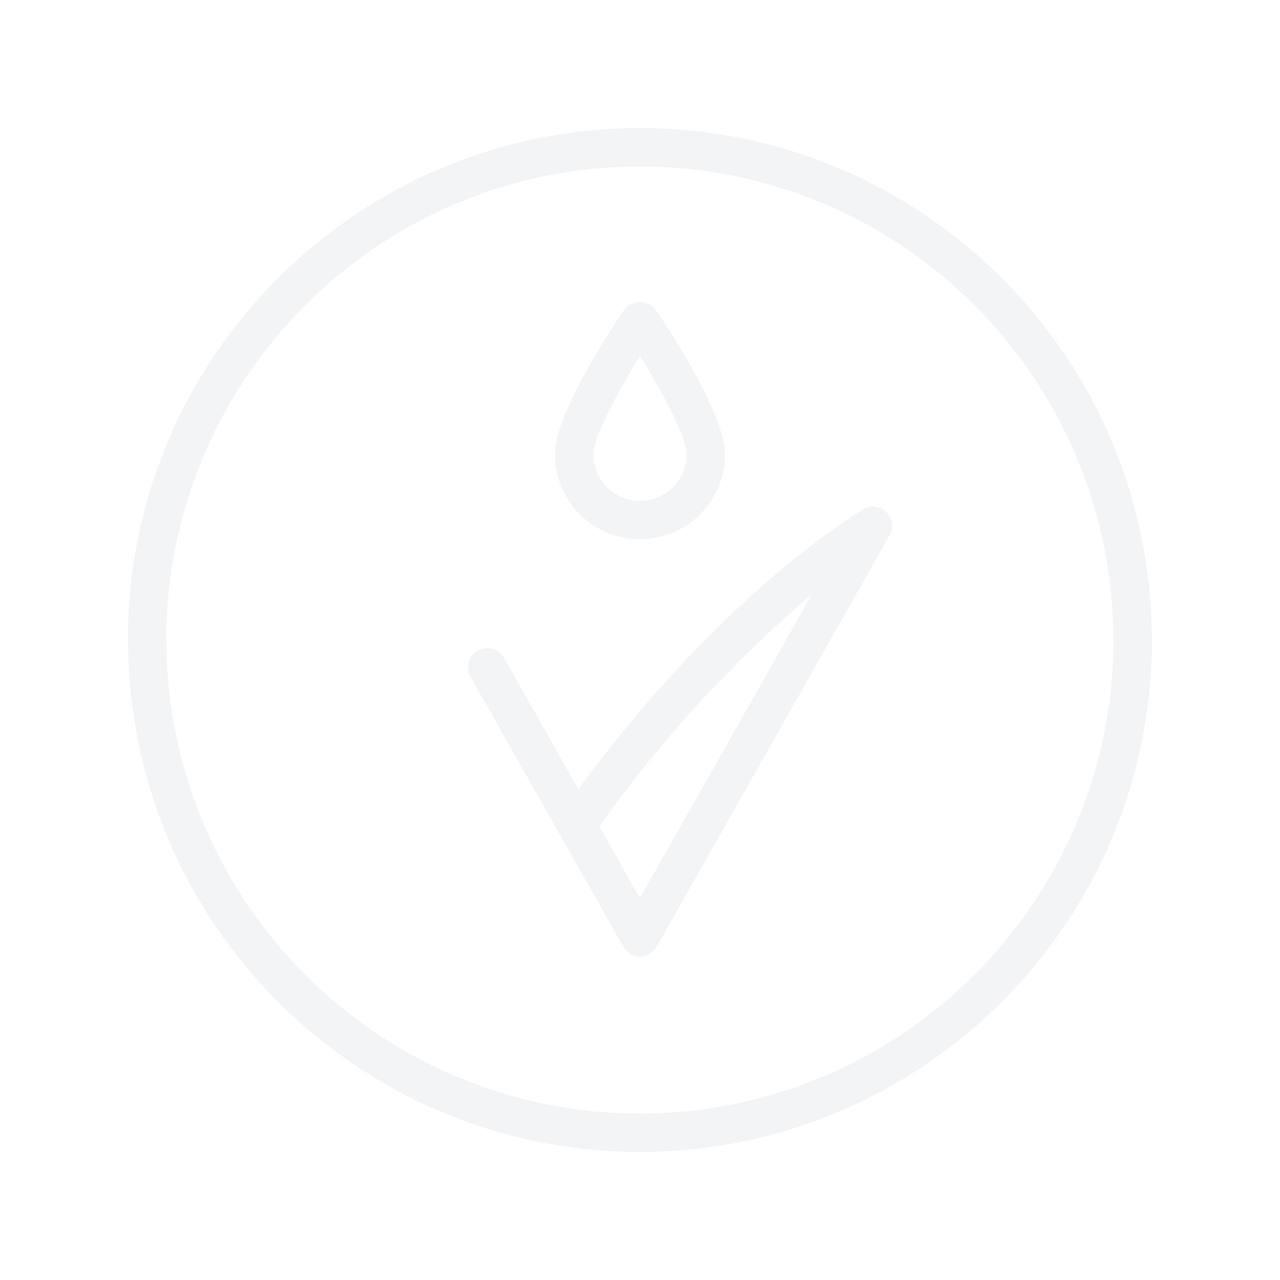 WHAMISA Organic Flowers BB Pact SPF50 16g